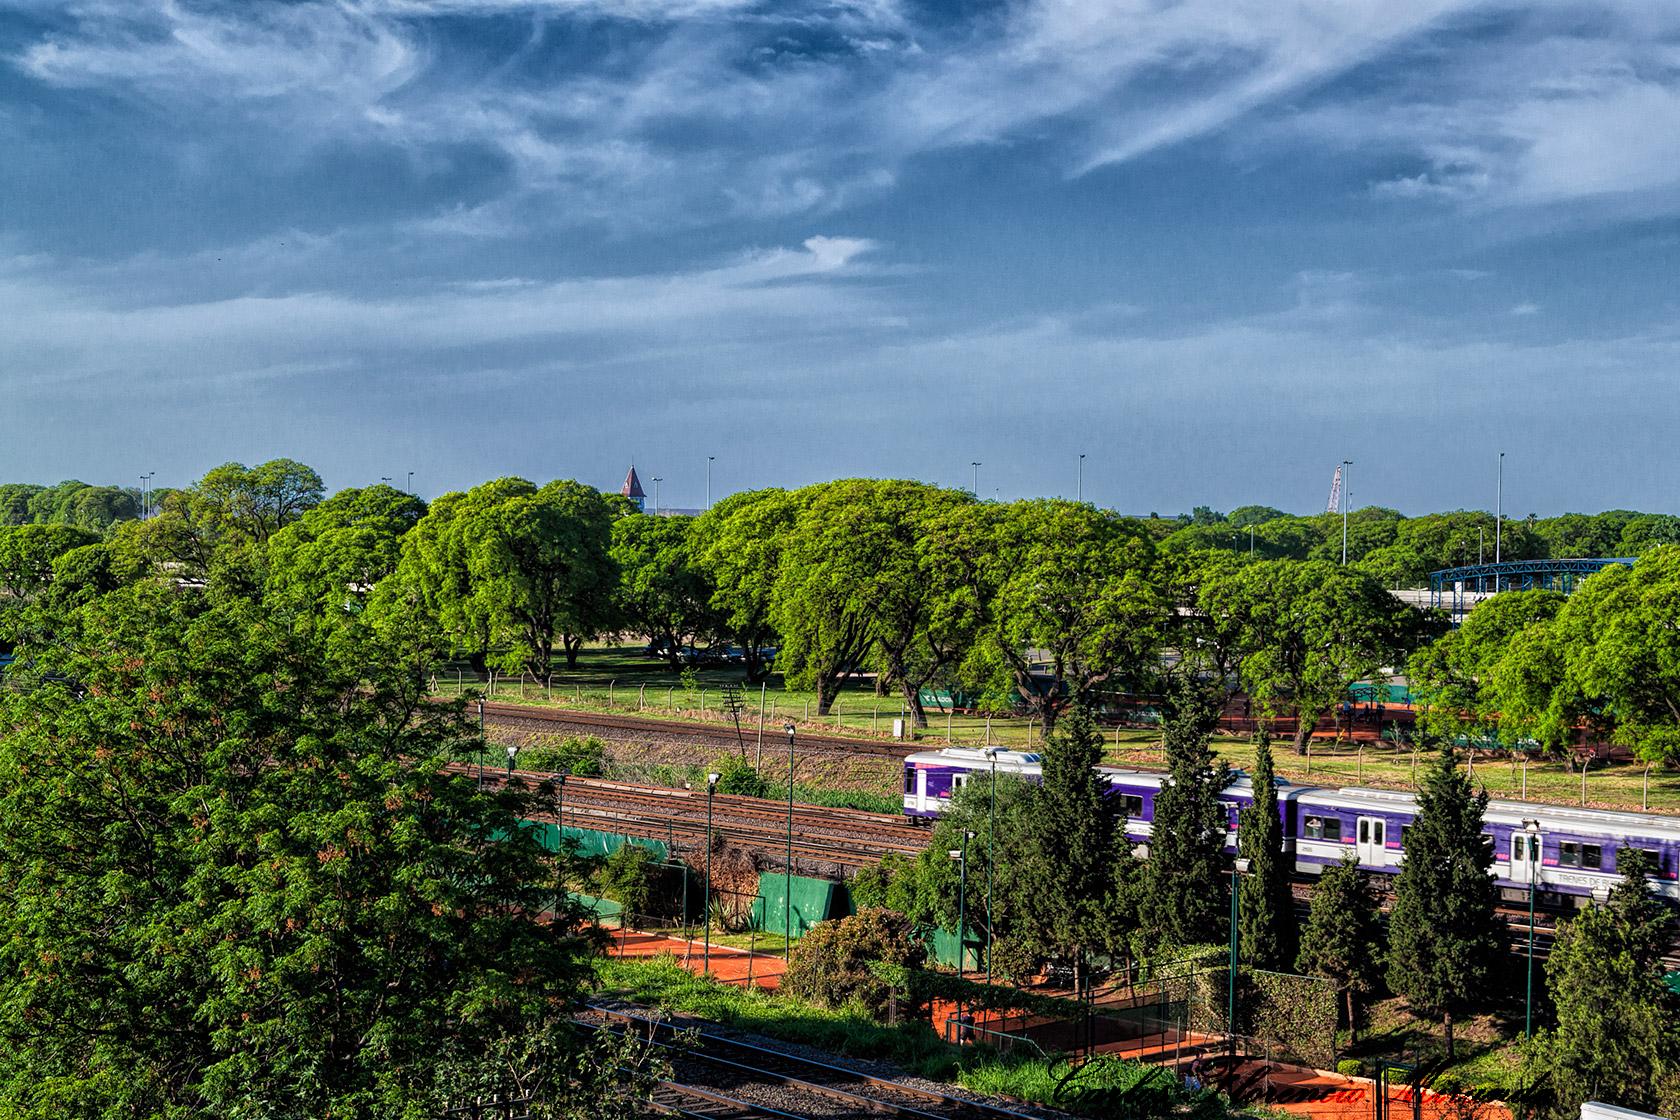 Un tren cruza el paisaje arbolado.